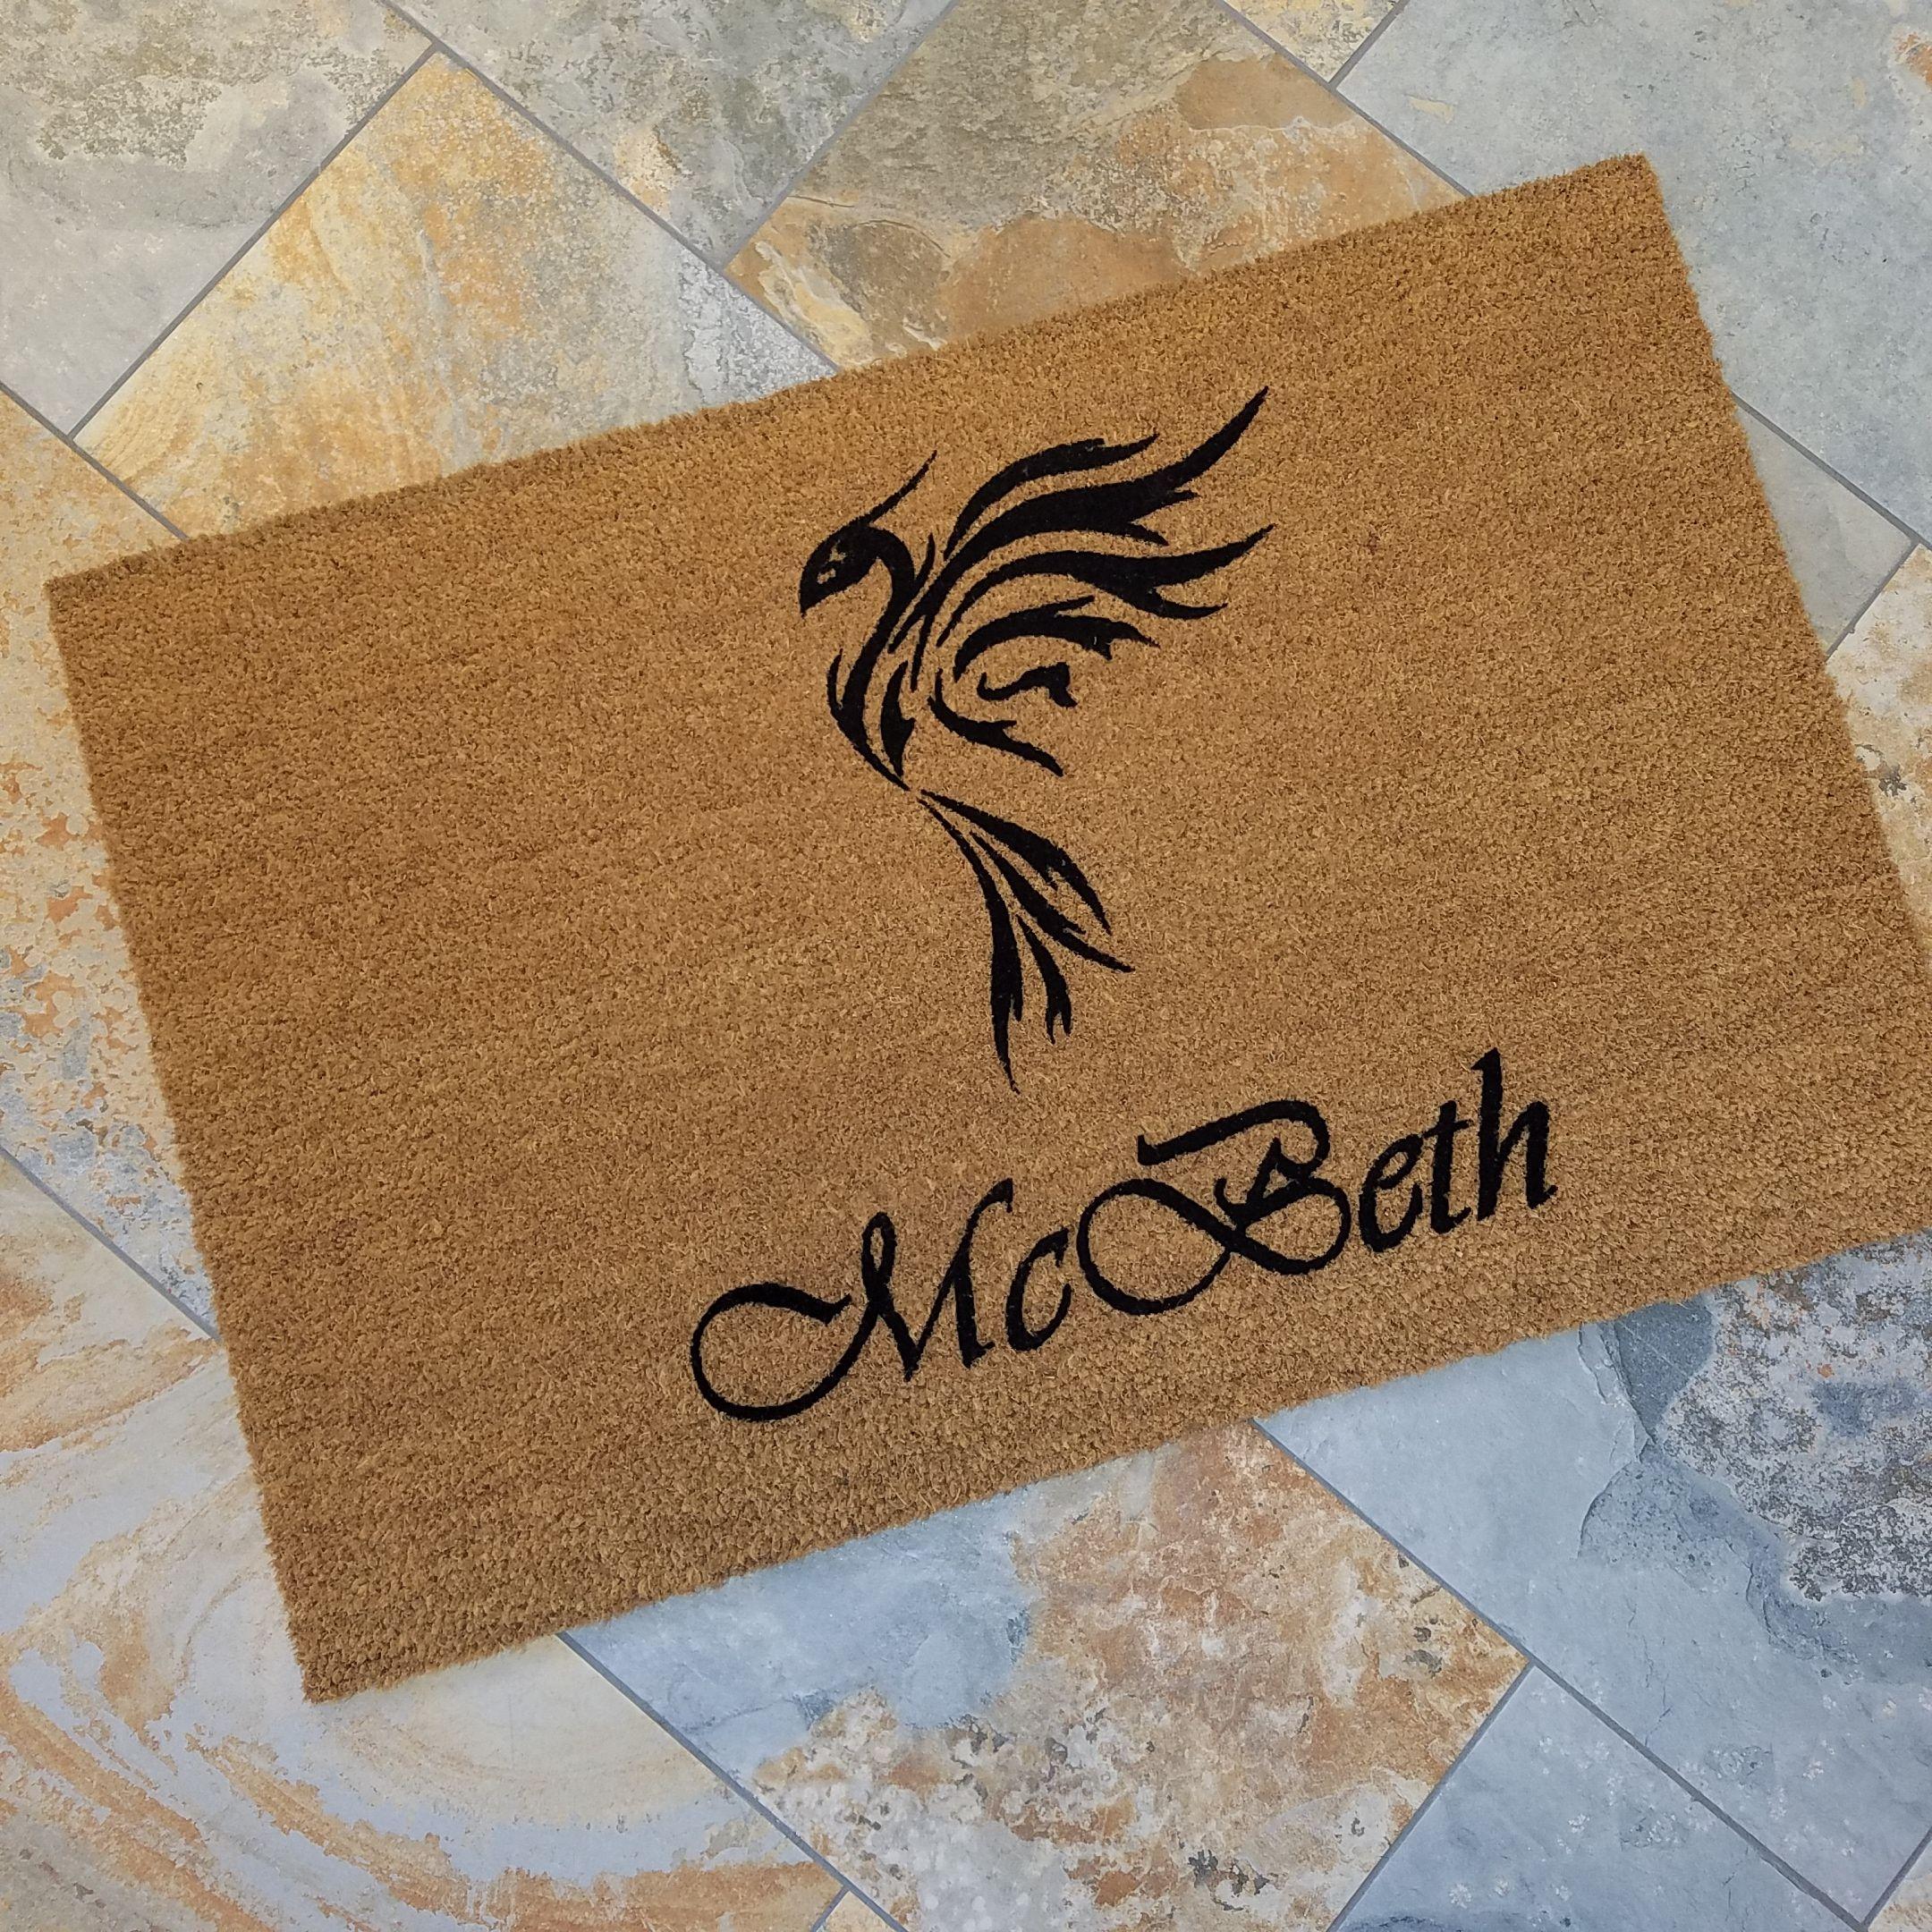 Personalized door mats welcome mats custom doormats